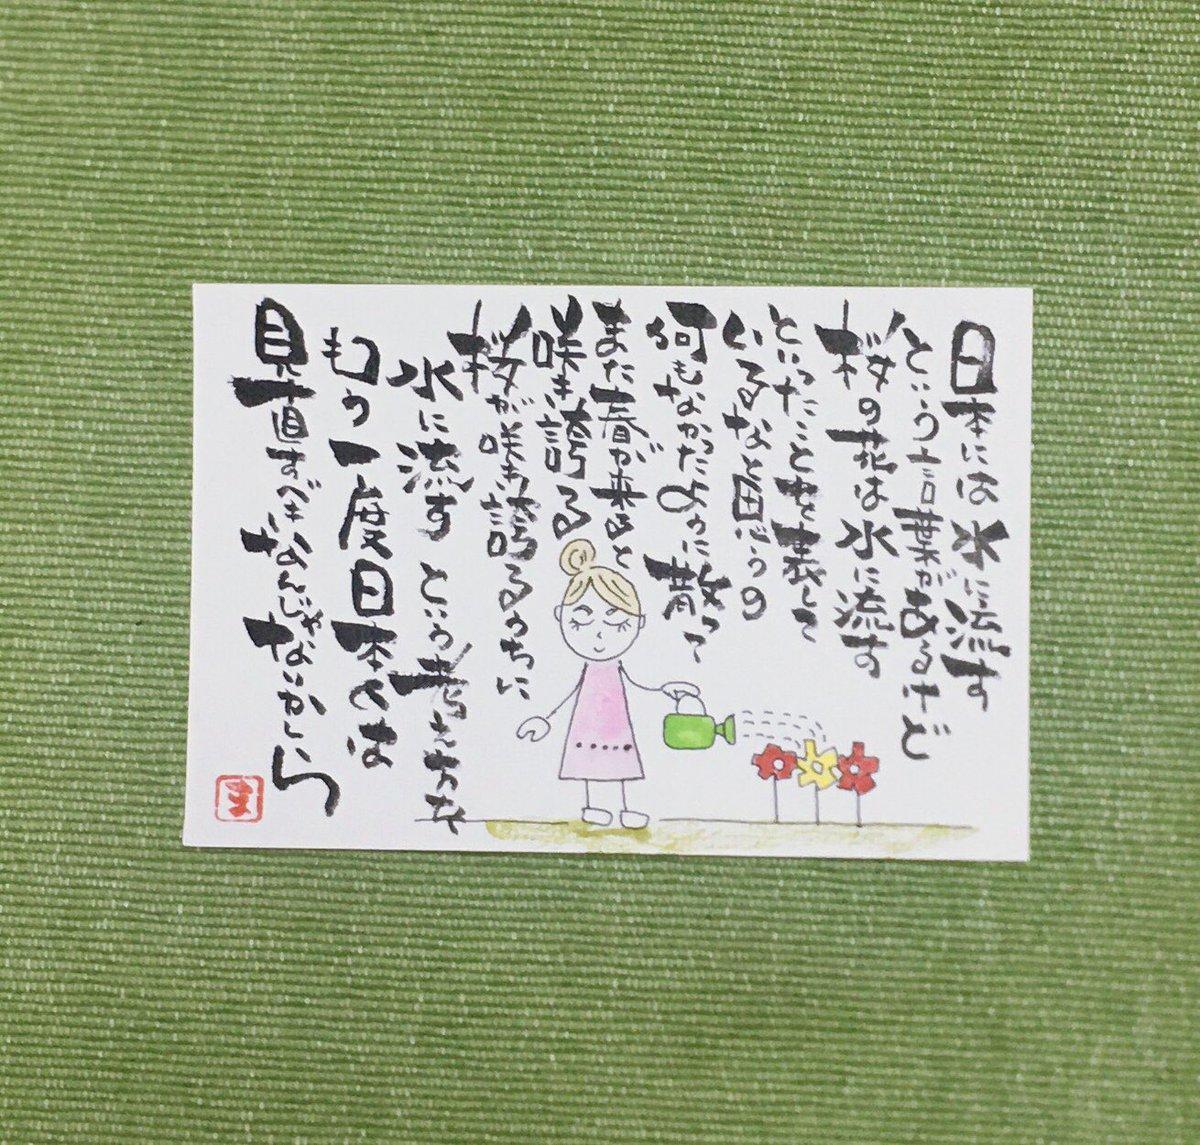 test ツイッターメディア - 樹木希林さんの一切なりゆきより 日本には「水に流す」という言葉があるけど、桜の花は「水に流す」といったことを表しているなと思うの。 何もなかったように散って、また春が来ると咲き誇る。 桜が毎年咲き誇るうちに、「水に流す」という考え方を、もう一度日本人は見直すべきなんじゃないかしら。 https://t.co/SQjwe8hGPE